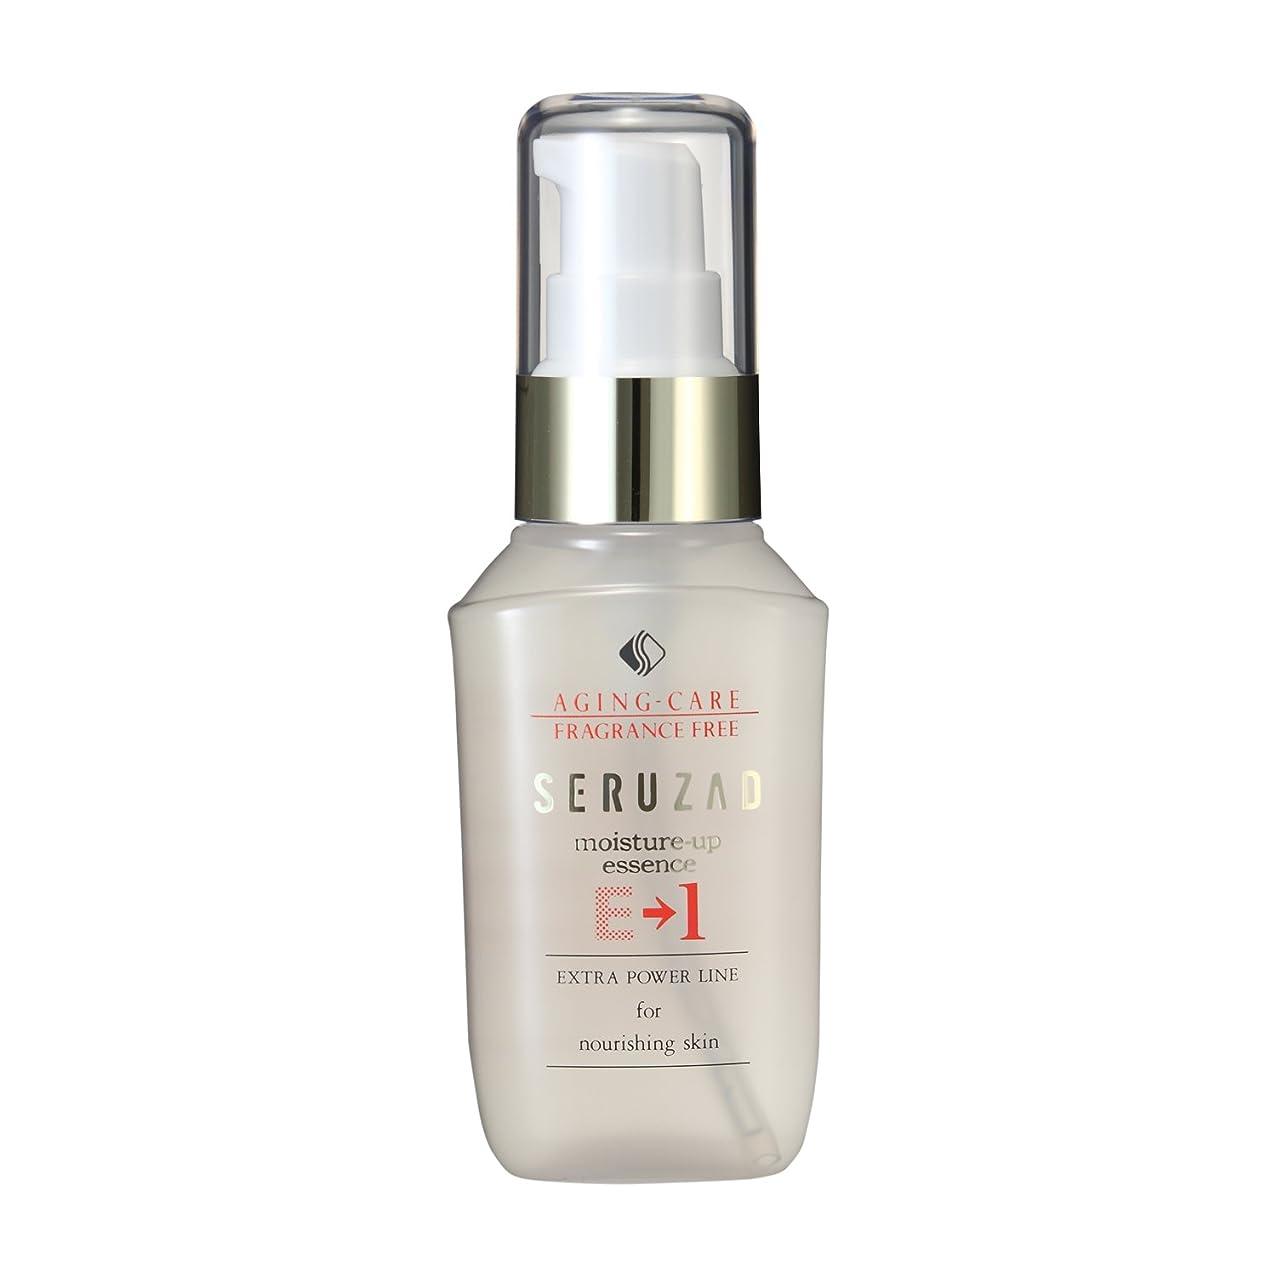 貫通するスラダム冷える化粧液 美容液 モイスチュアアップエッセンス E-1 (エイジング 医薬部外品 化粧水) 【セルザードUS】